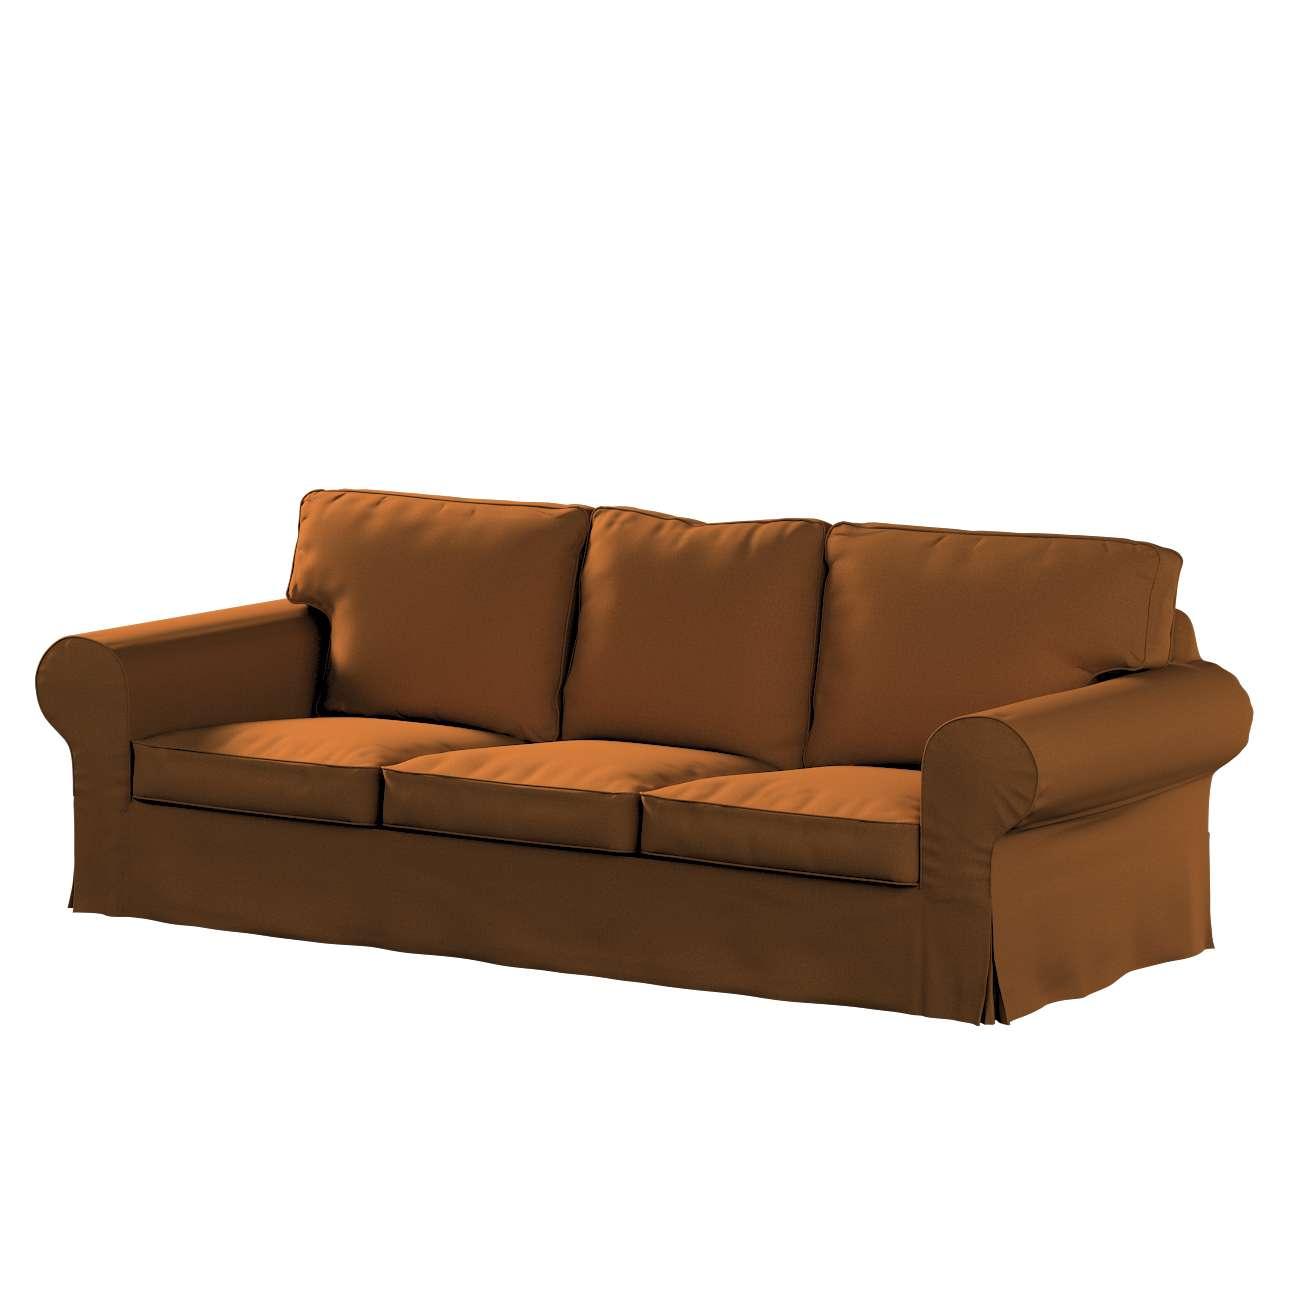 Pokrowiec na sofę Ektorp 3-osobową, rozkładaną, PIXBO w kolekcji Living II, tkanina: 161-28